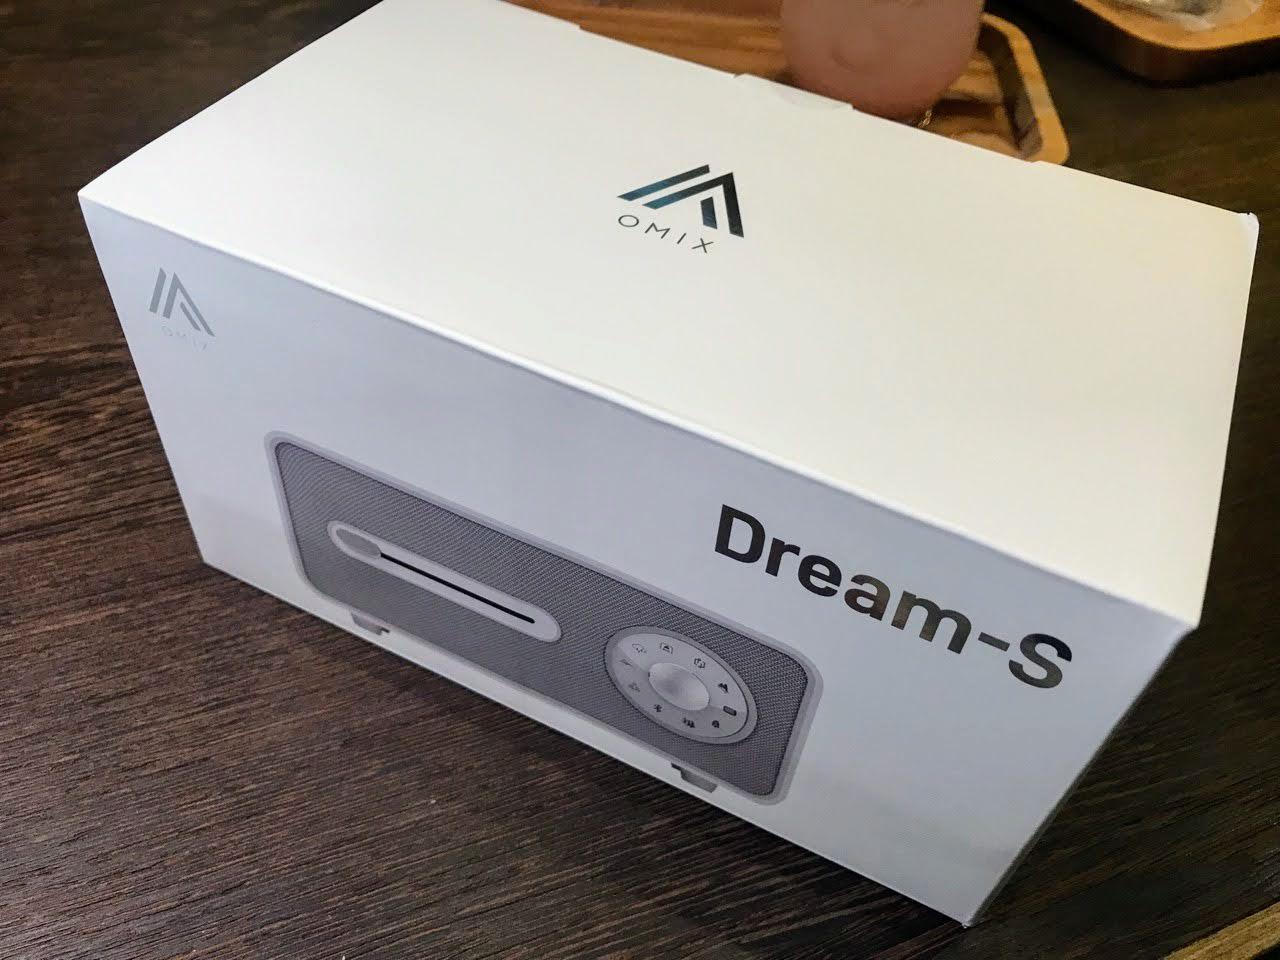 【好物推薦】OMIX DREAM-S 手機無線充電 白噪音助眠藍喇叭|多功能的持久隨身音響